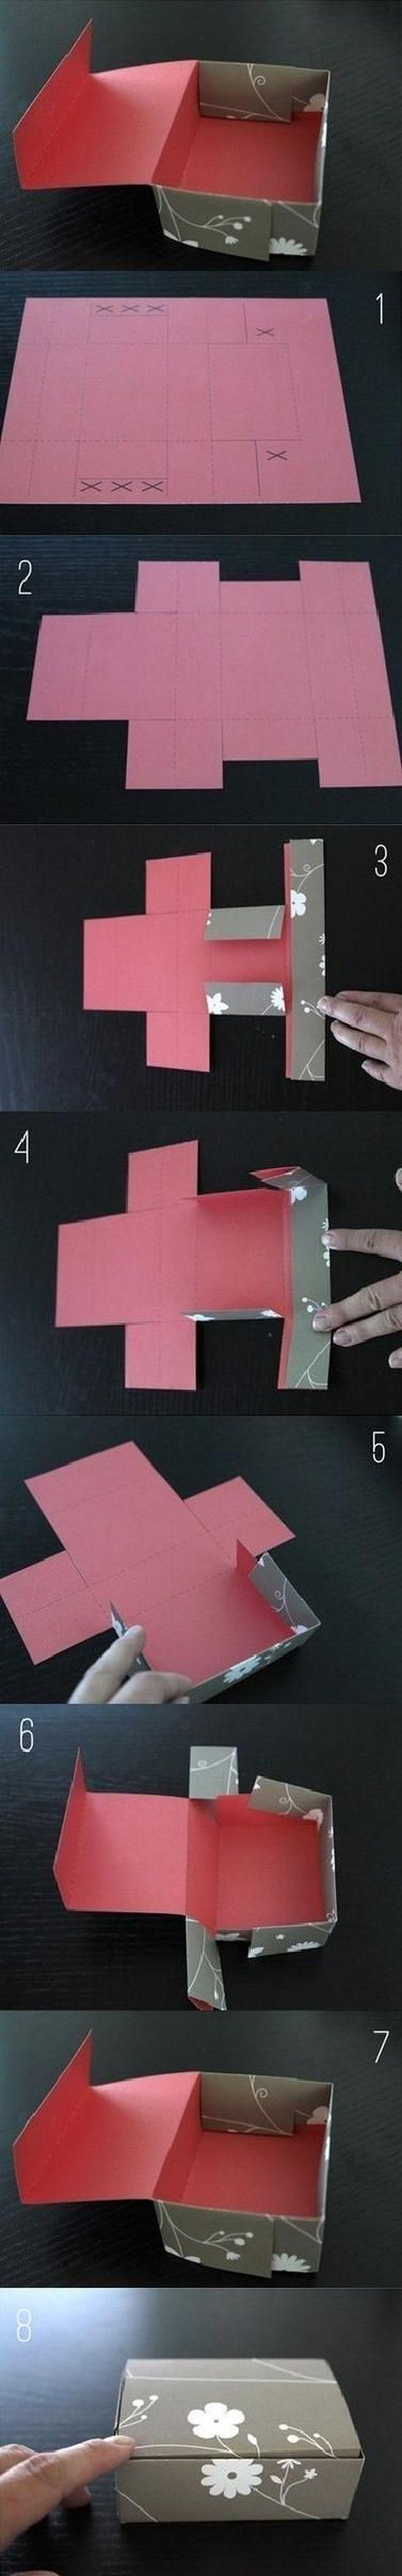 Подарочные коробки своими руками из картона